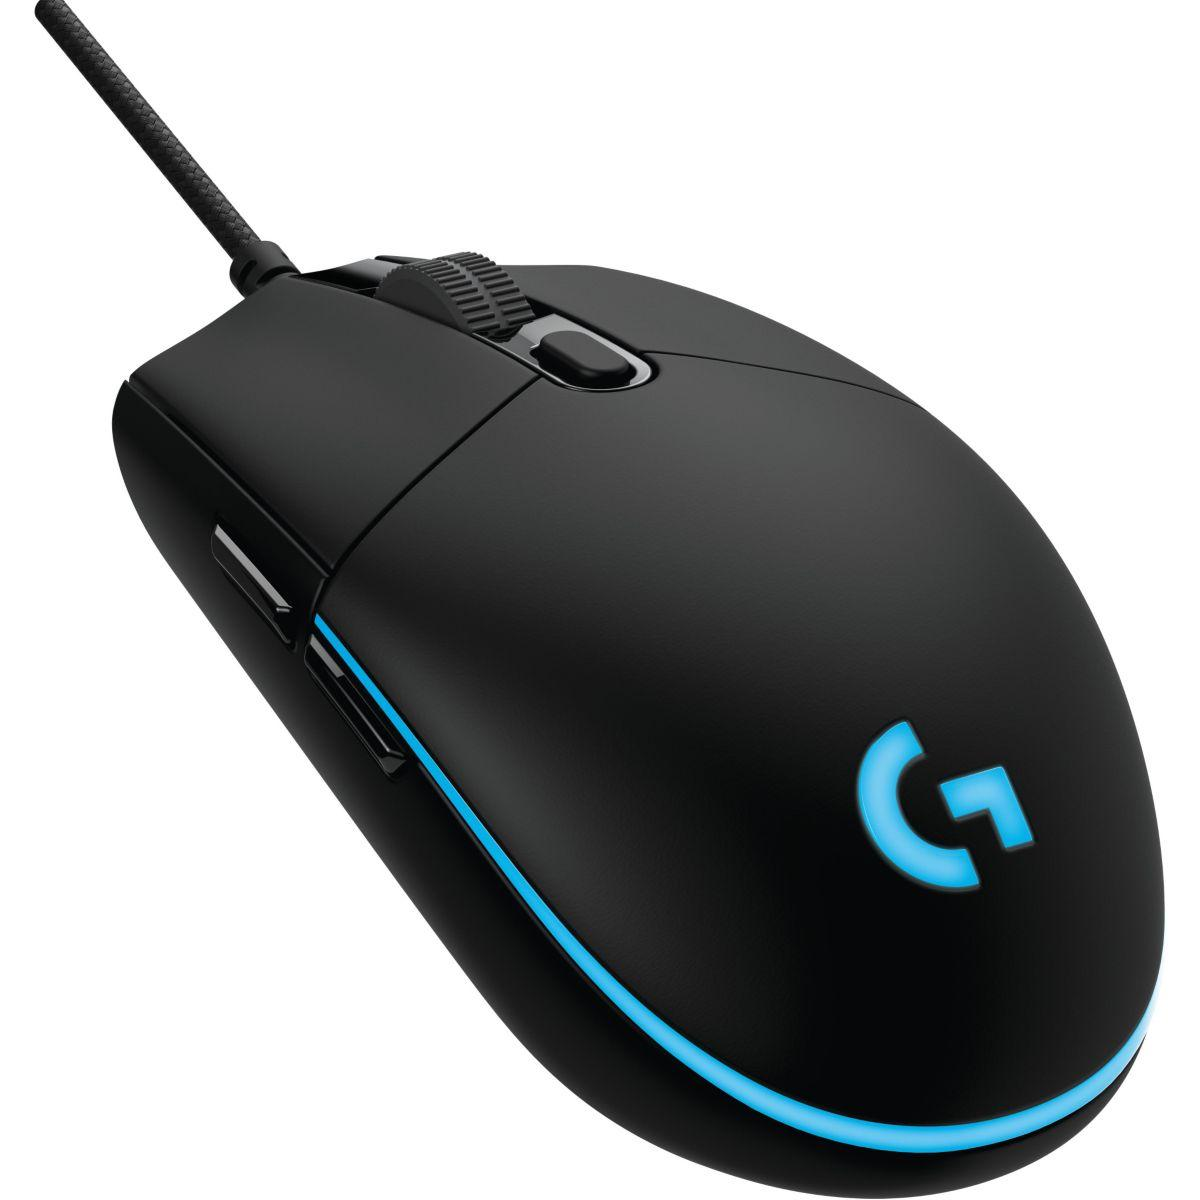 Souris gamer logitech pro gaming mouse - 20% de remise imm?dia...